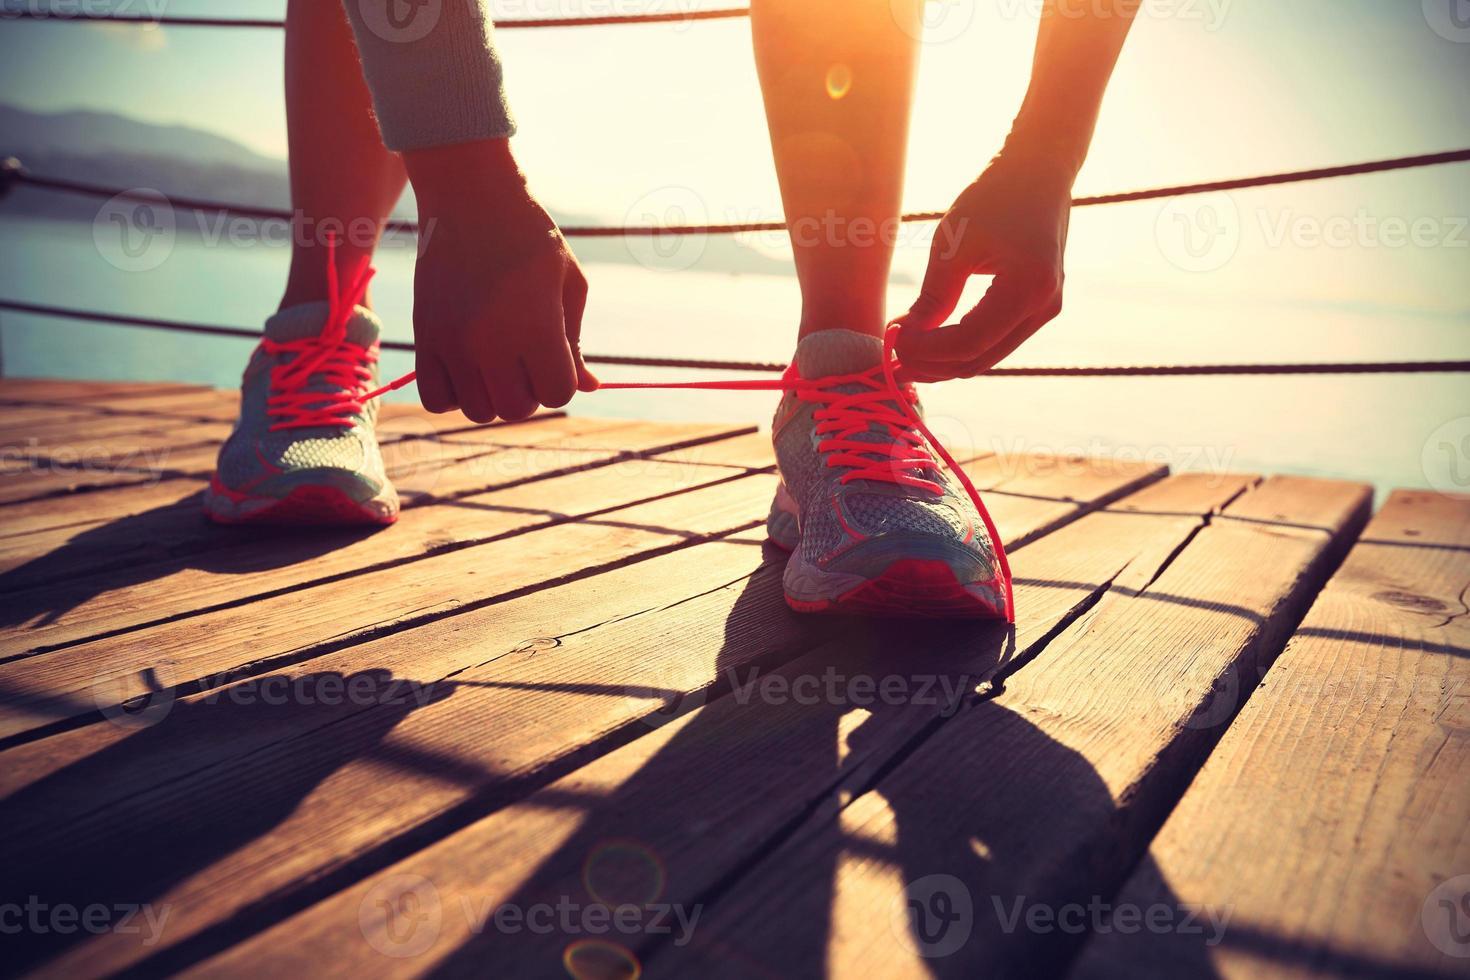 estilo de vida saludable deportes mujer atar cordones de los zapatos foto